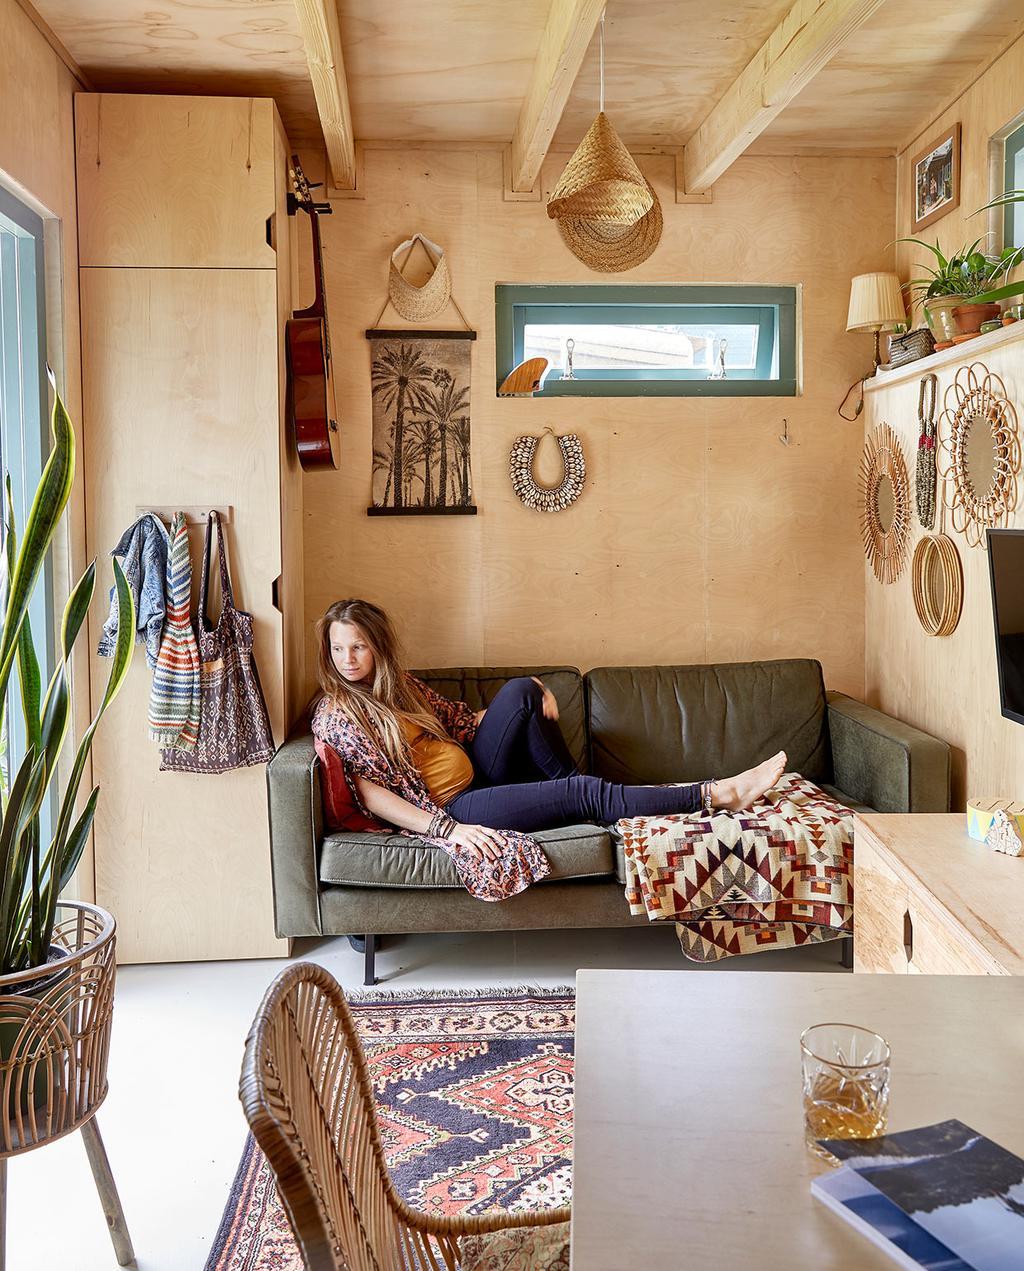 vtwonen binnenkijken special tiny houses | carmen op de bank met spiegels aan de muur en een vloerkleed met motief